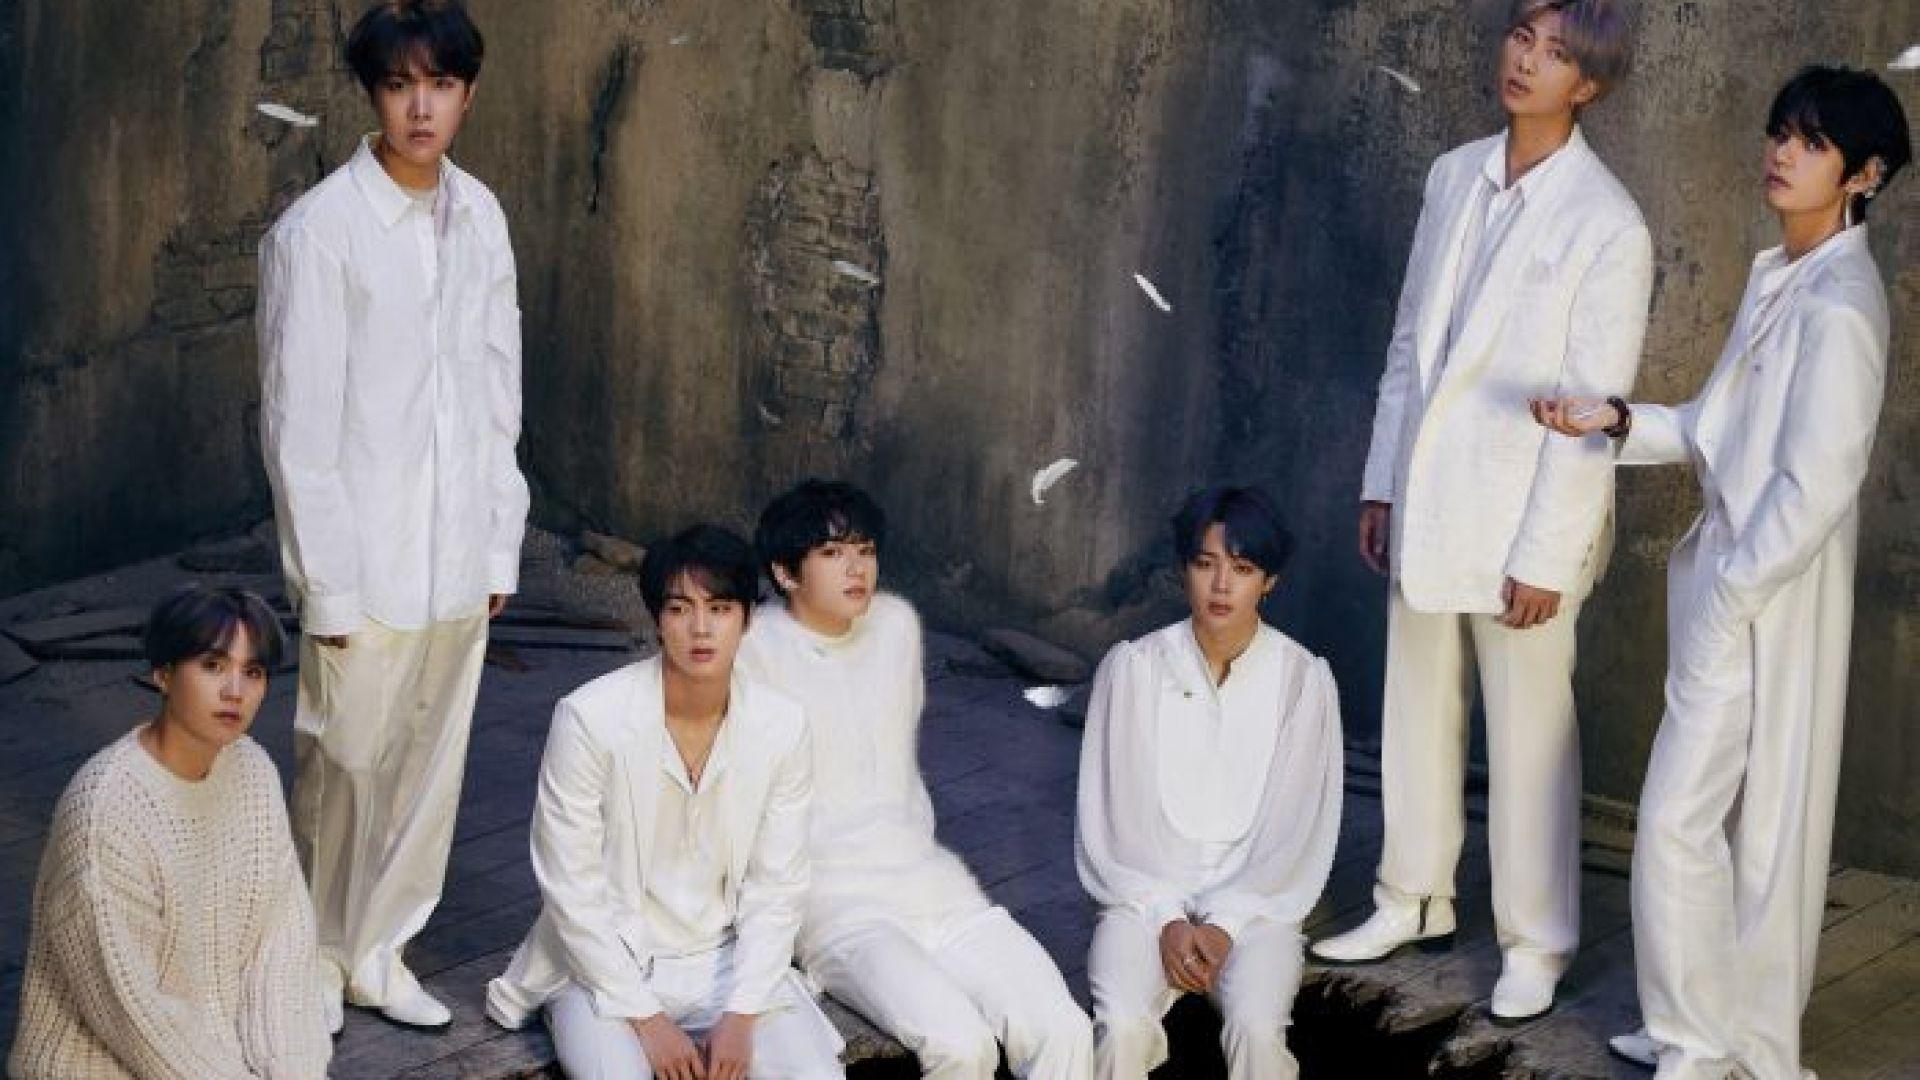 Група BTS постави рекорд в You Tube с новия си видеоклип